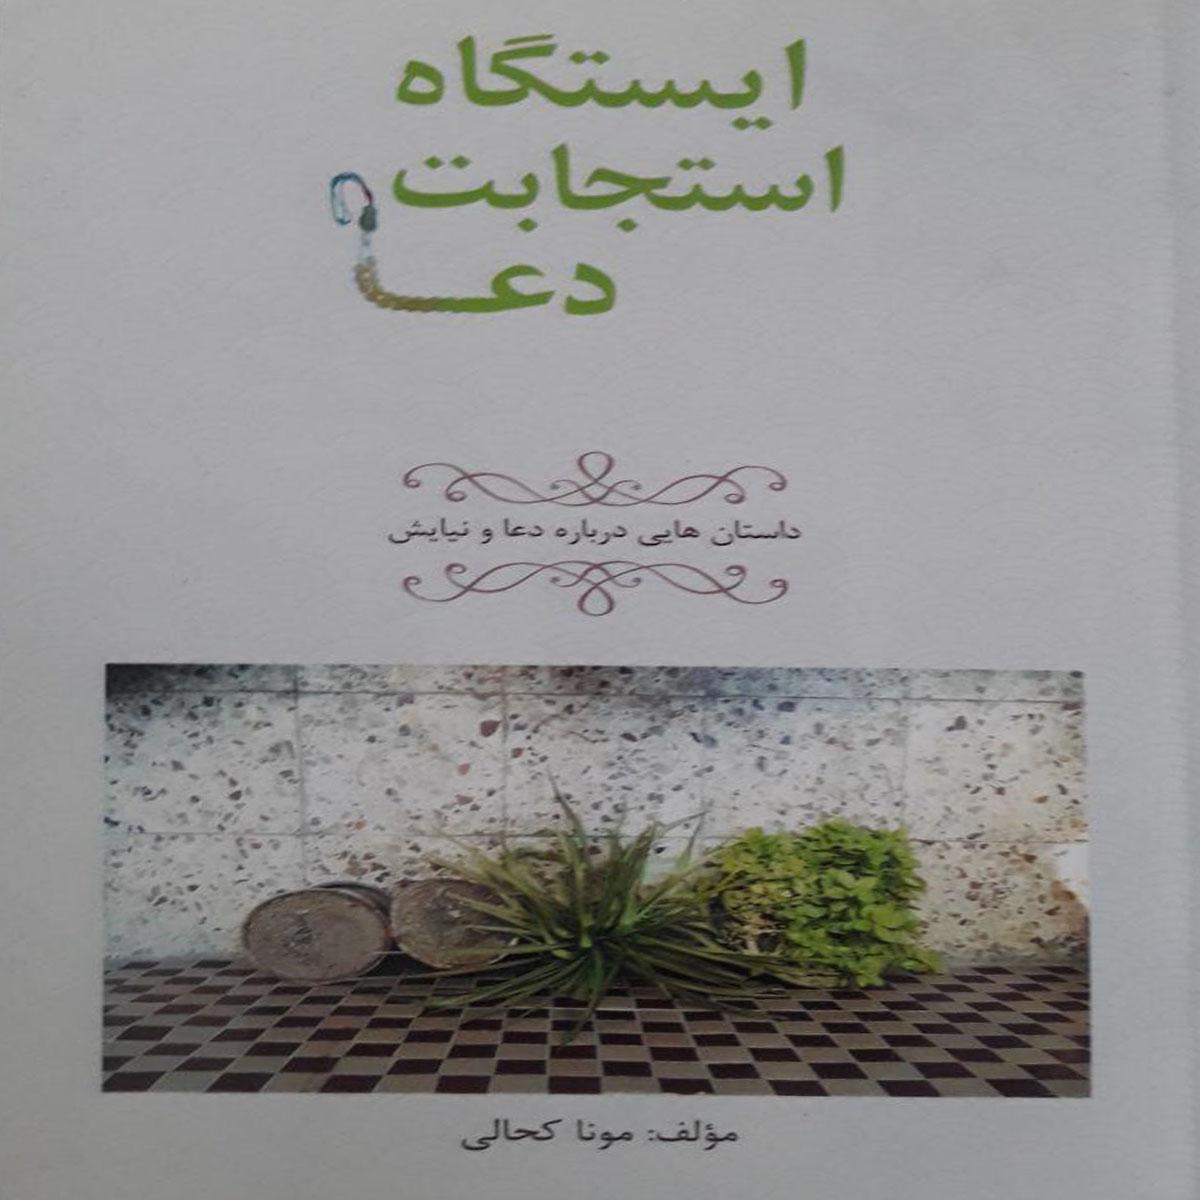 کتاب ایستگاه استجابت دعا اثر مونا کحالی  انتشارات آفرینندگان